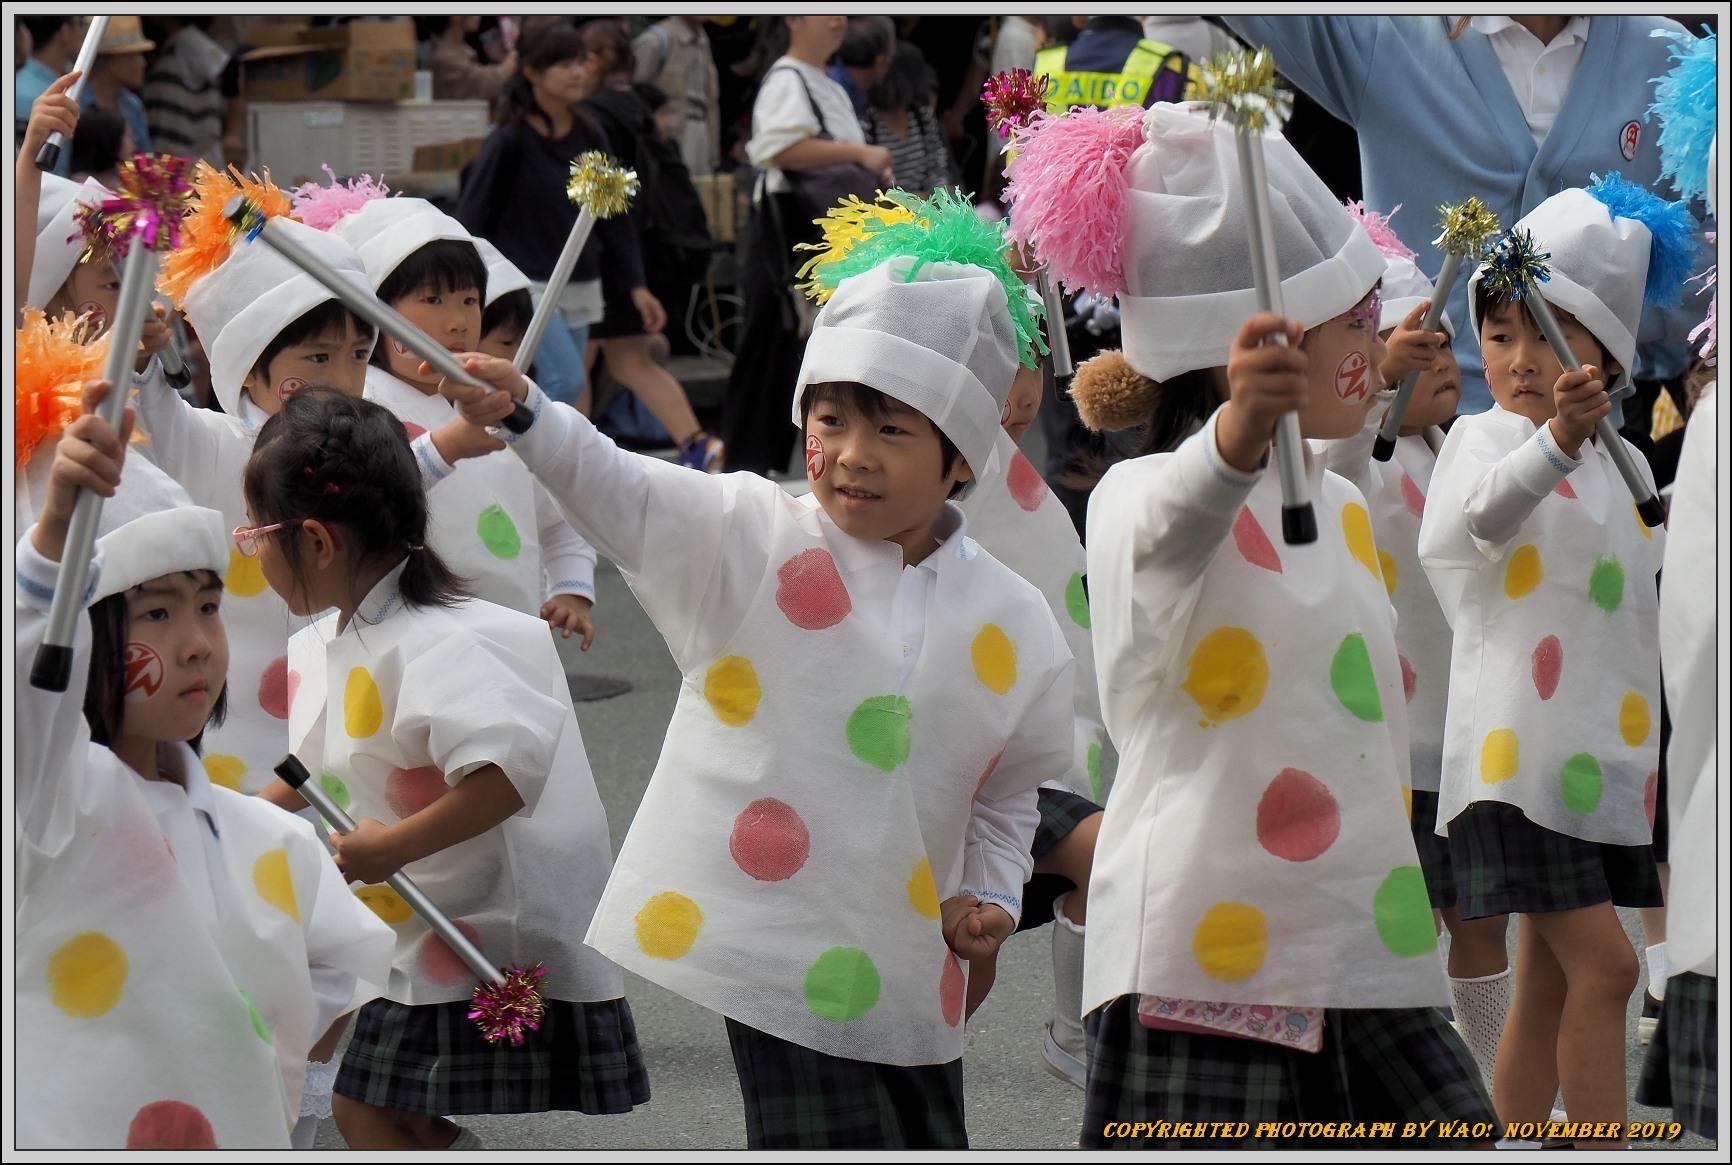 豊橋まつり(2019)舞らん行列 市内幼稚園児鼓隊_c0198669_13512280.jpg